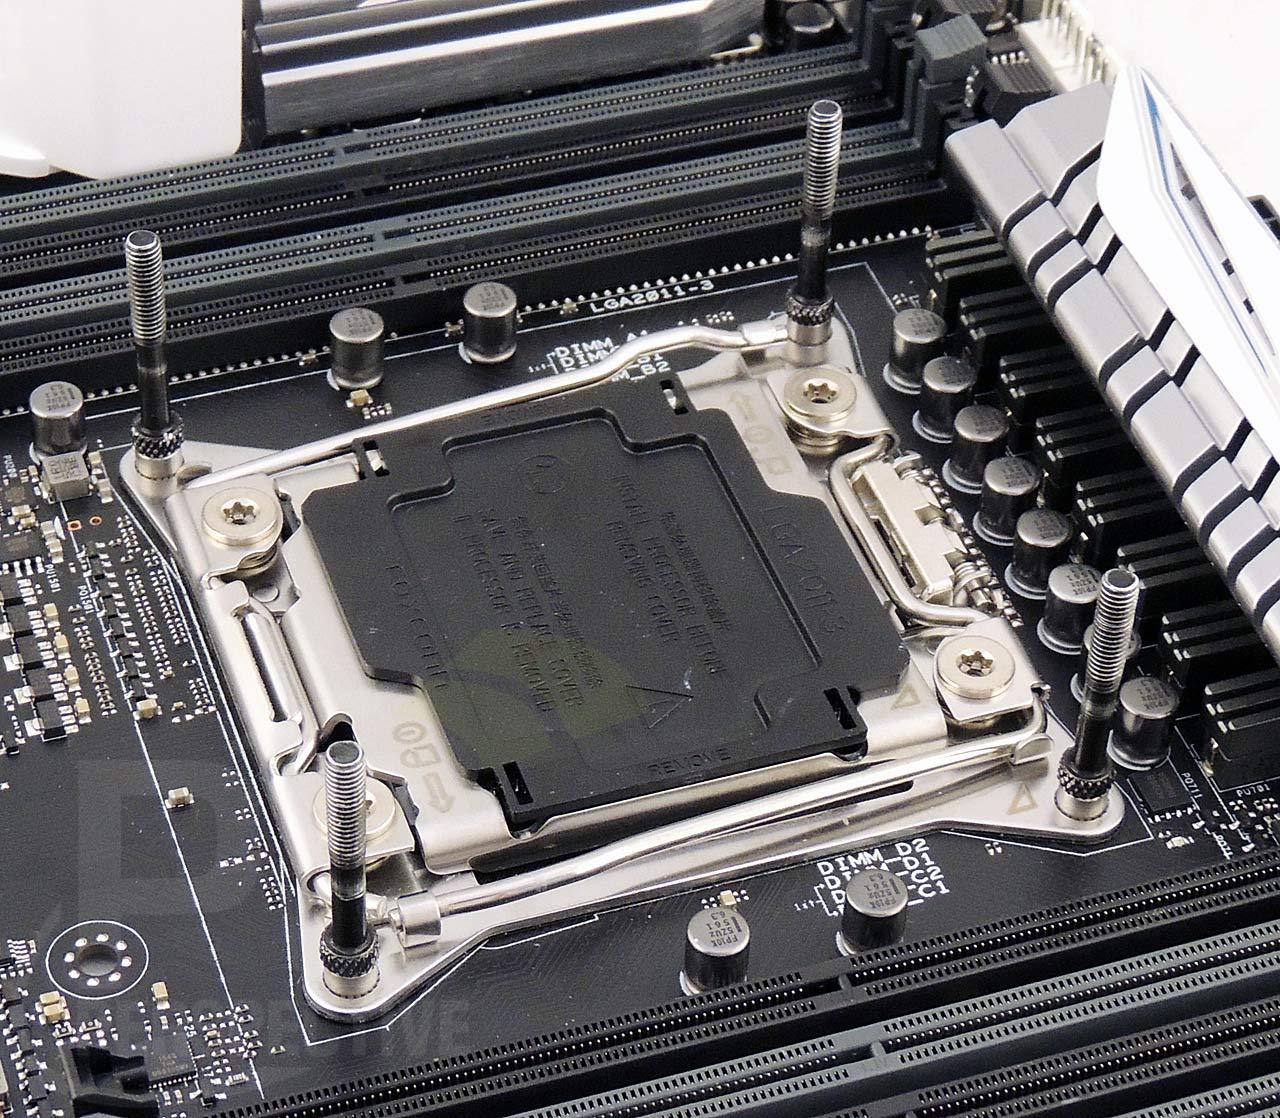 14-board-x99-mount-top.jpg